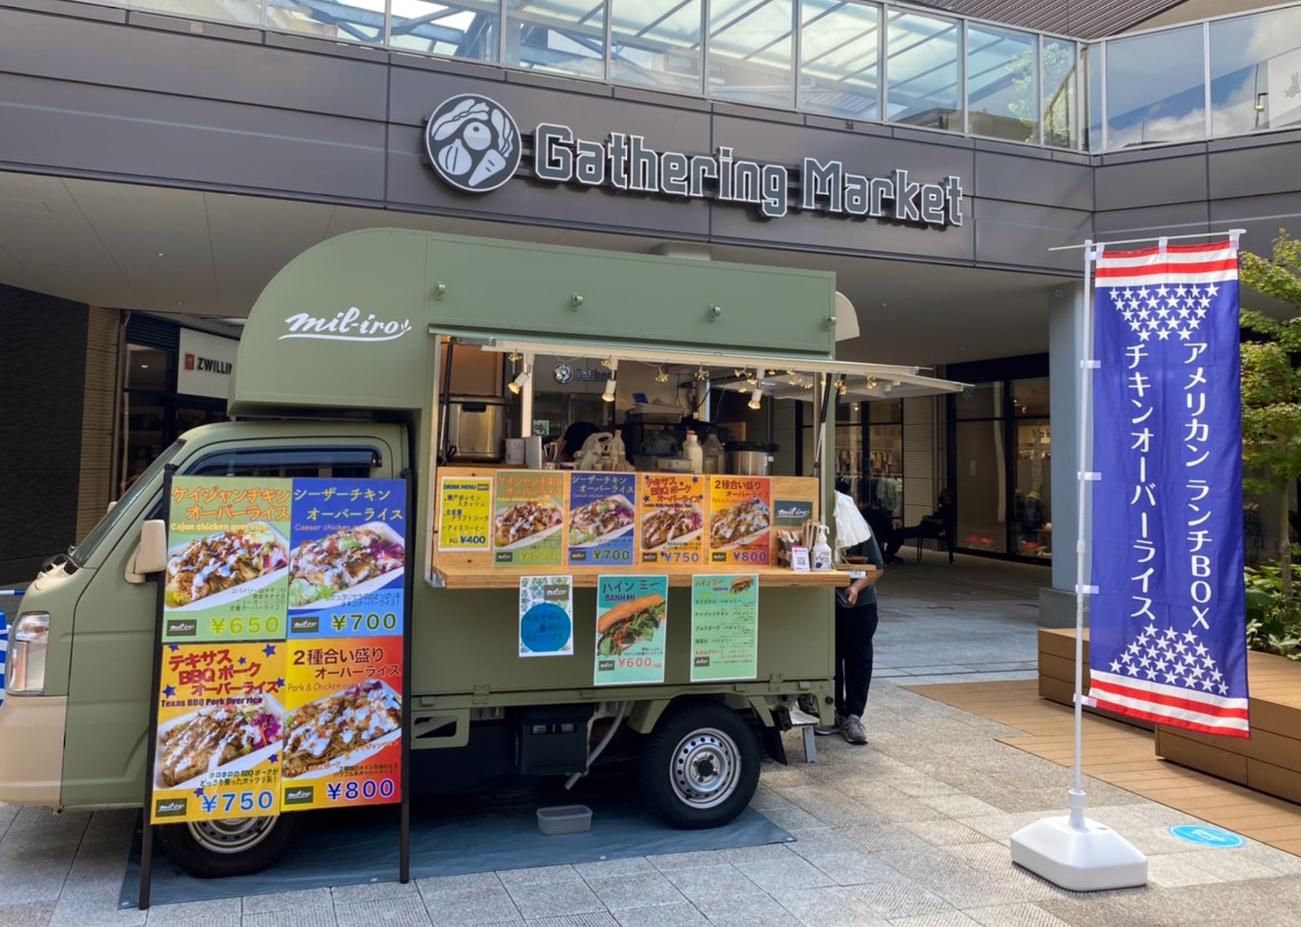 人気店でのノウハウを生かしたフードトラック「ミルイロ」が登場!